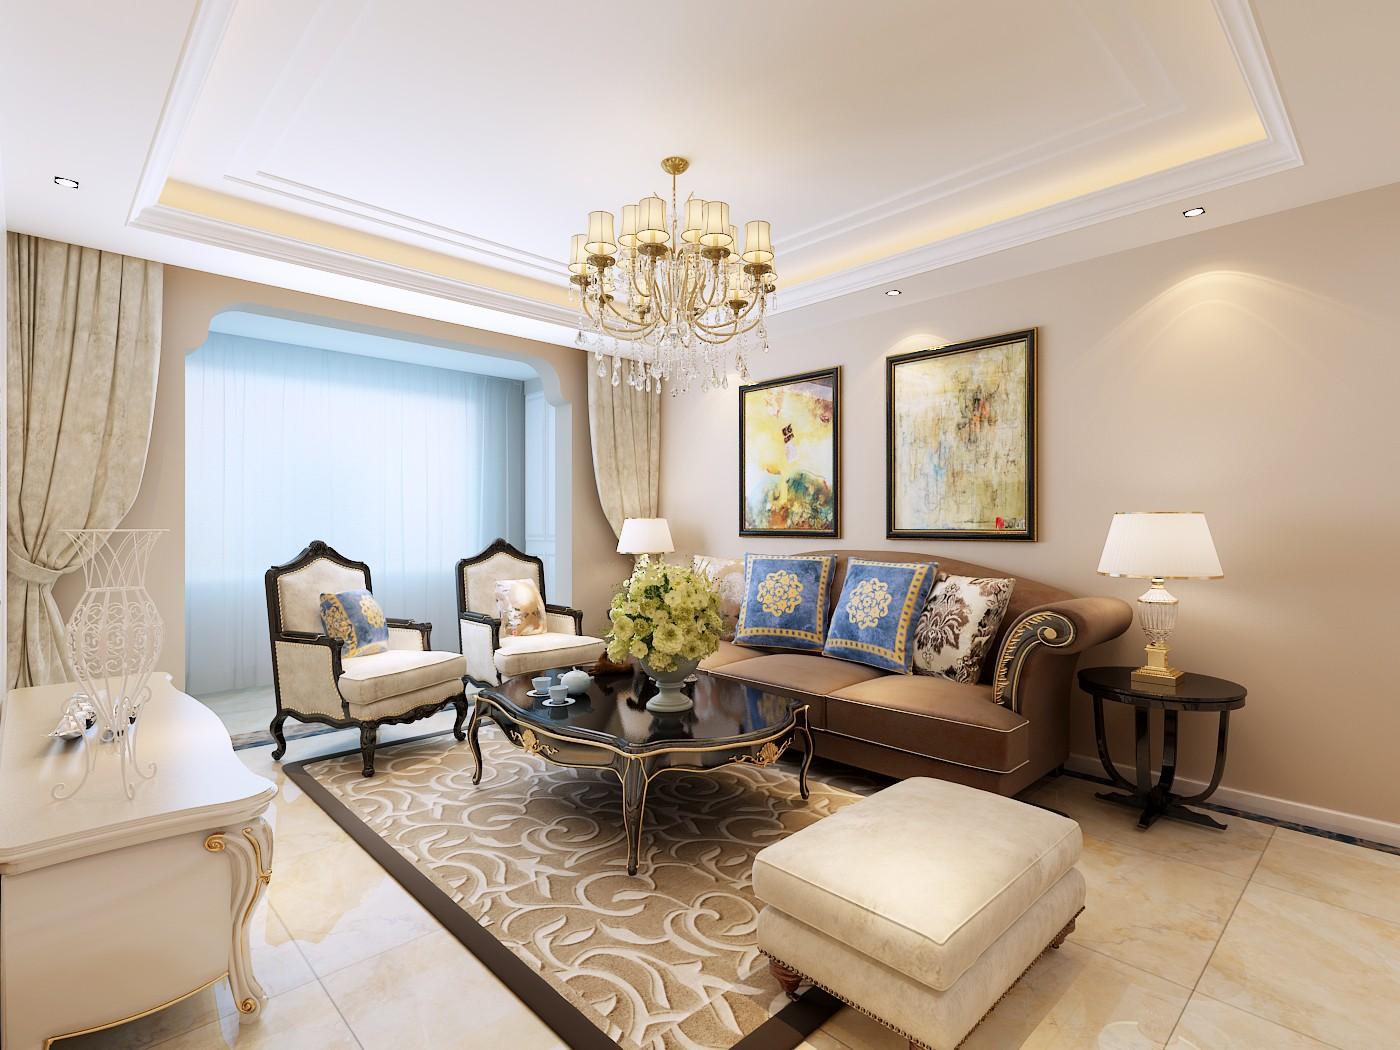 这种风格从整体到局部,从空间到室内陈设塑造,精雕细琢,给人一丝不苟